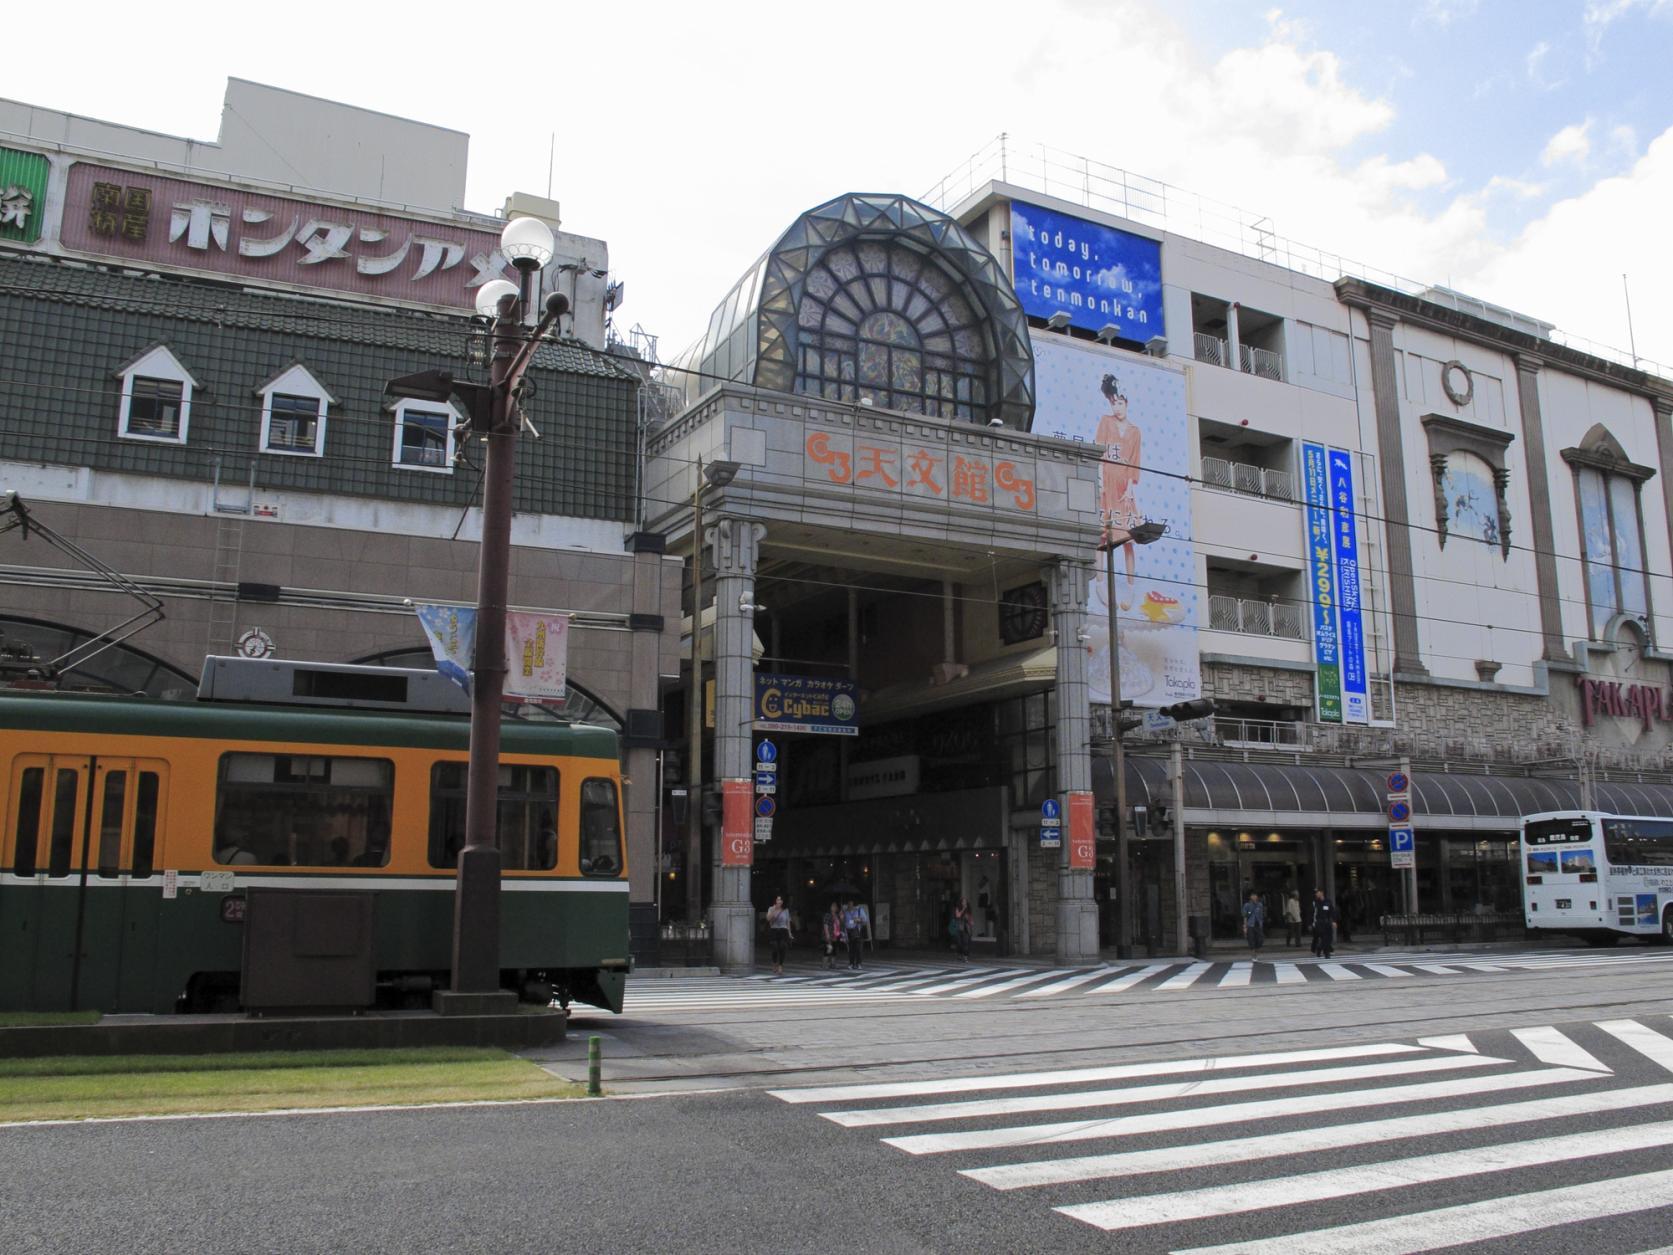 南九州最大の繁華街「天文館」!グルメとショッピングも重視するならこの宿-0